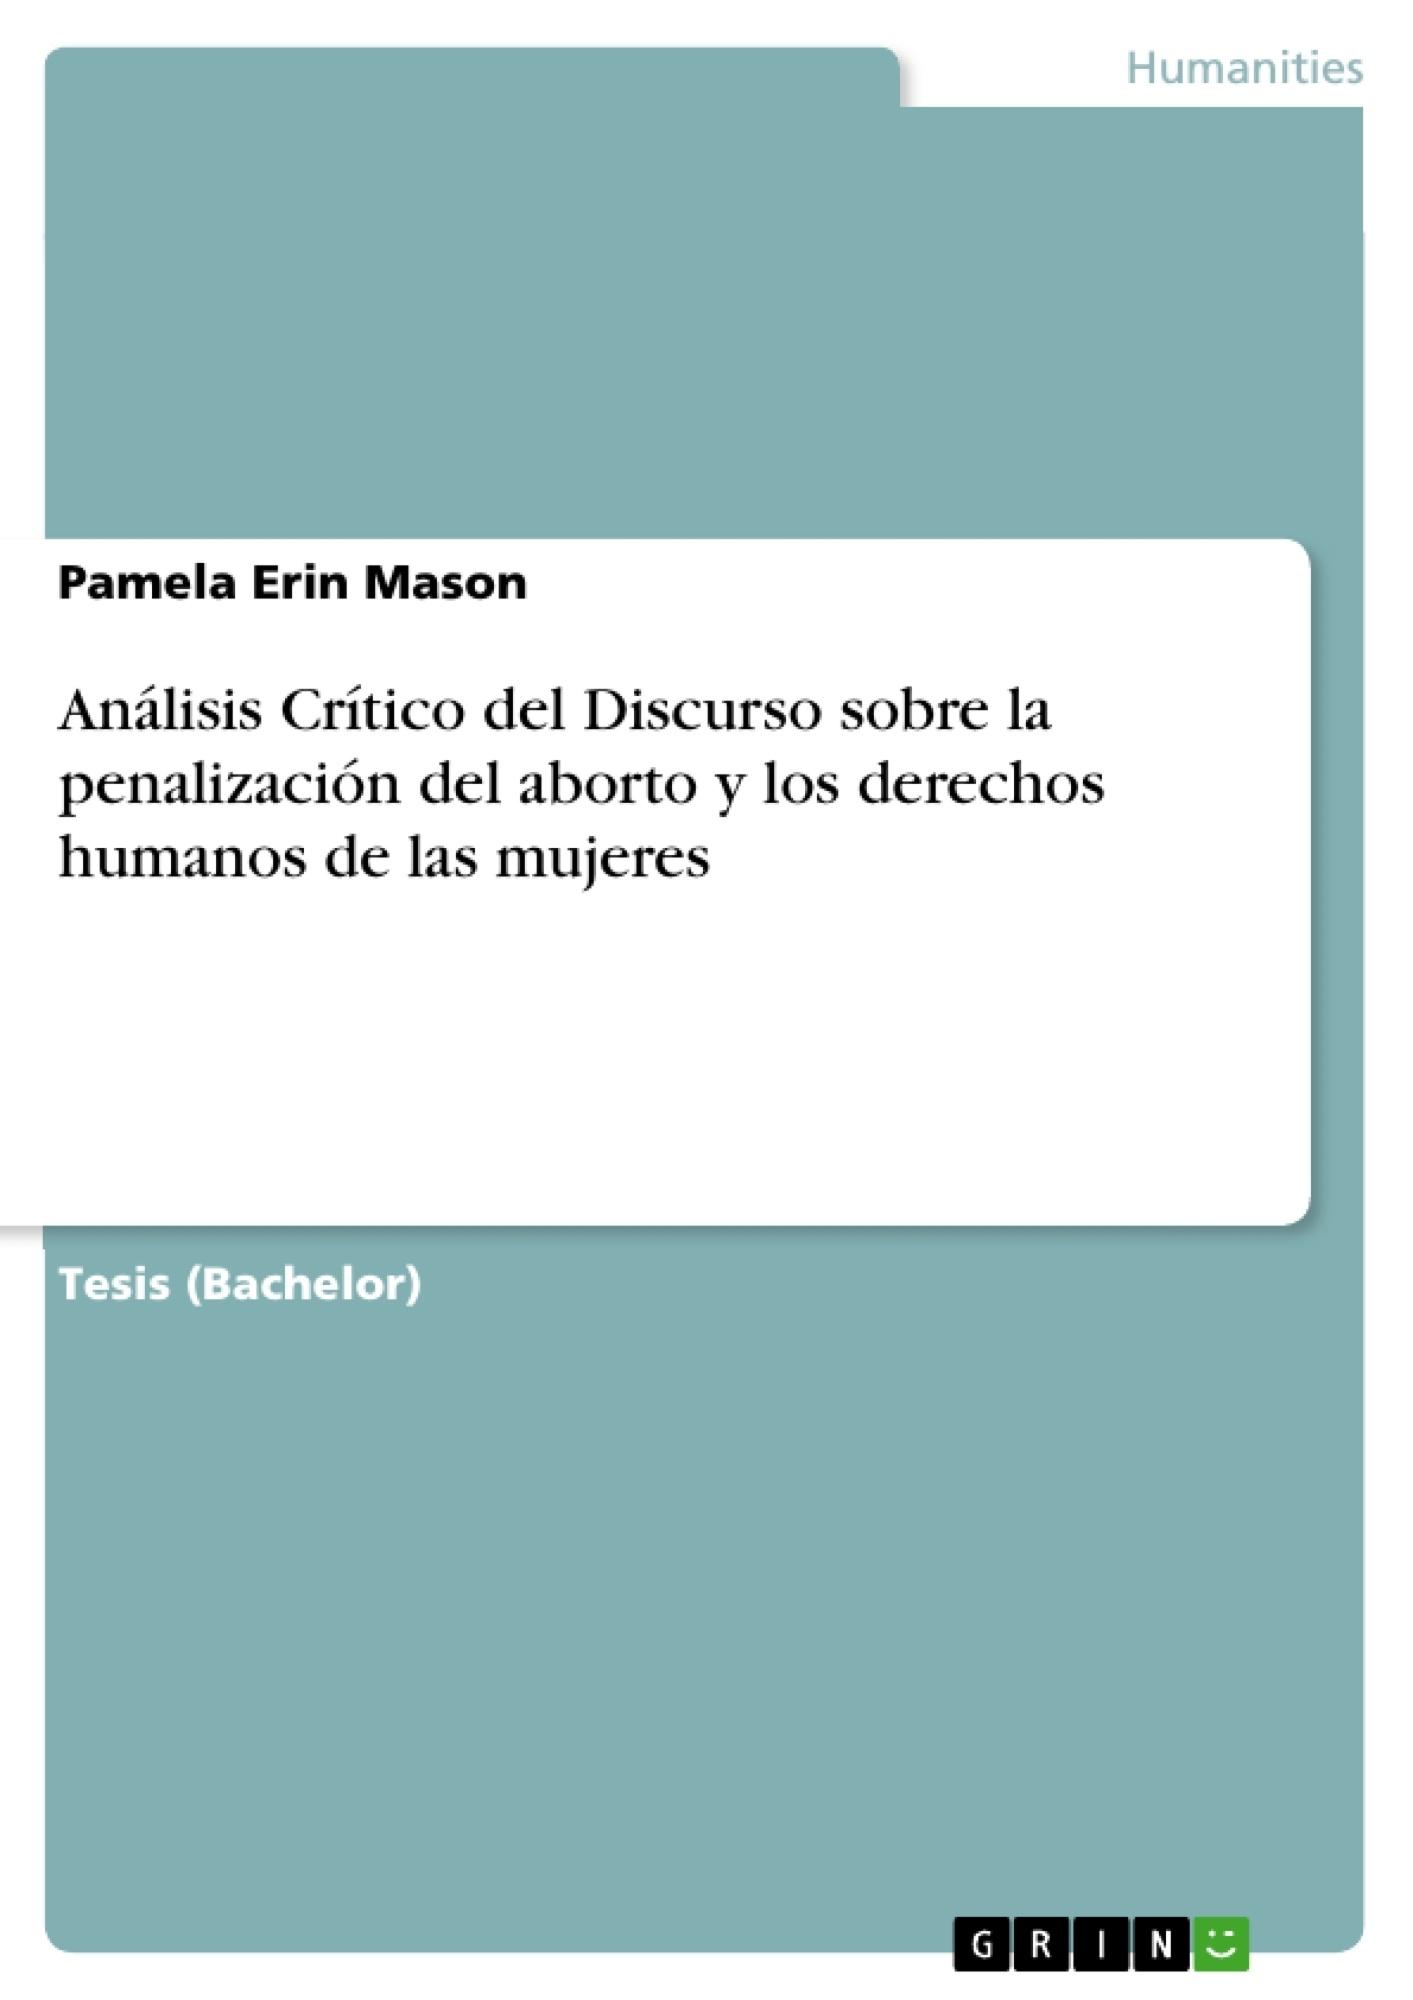 Título: Análisis Crítico del Discurso sobre la penalización del aborto y los derechos humanos de las mujeres